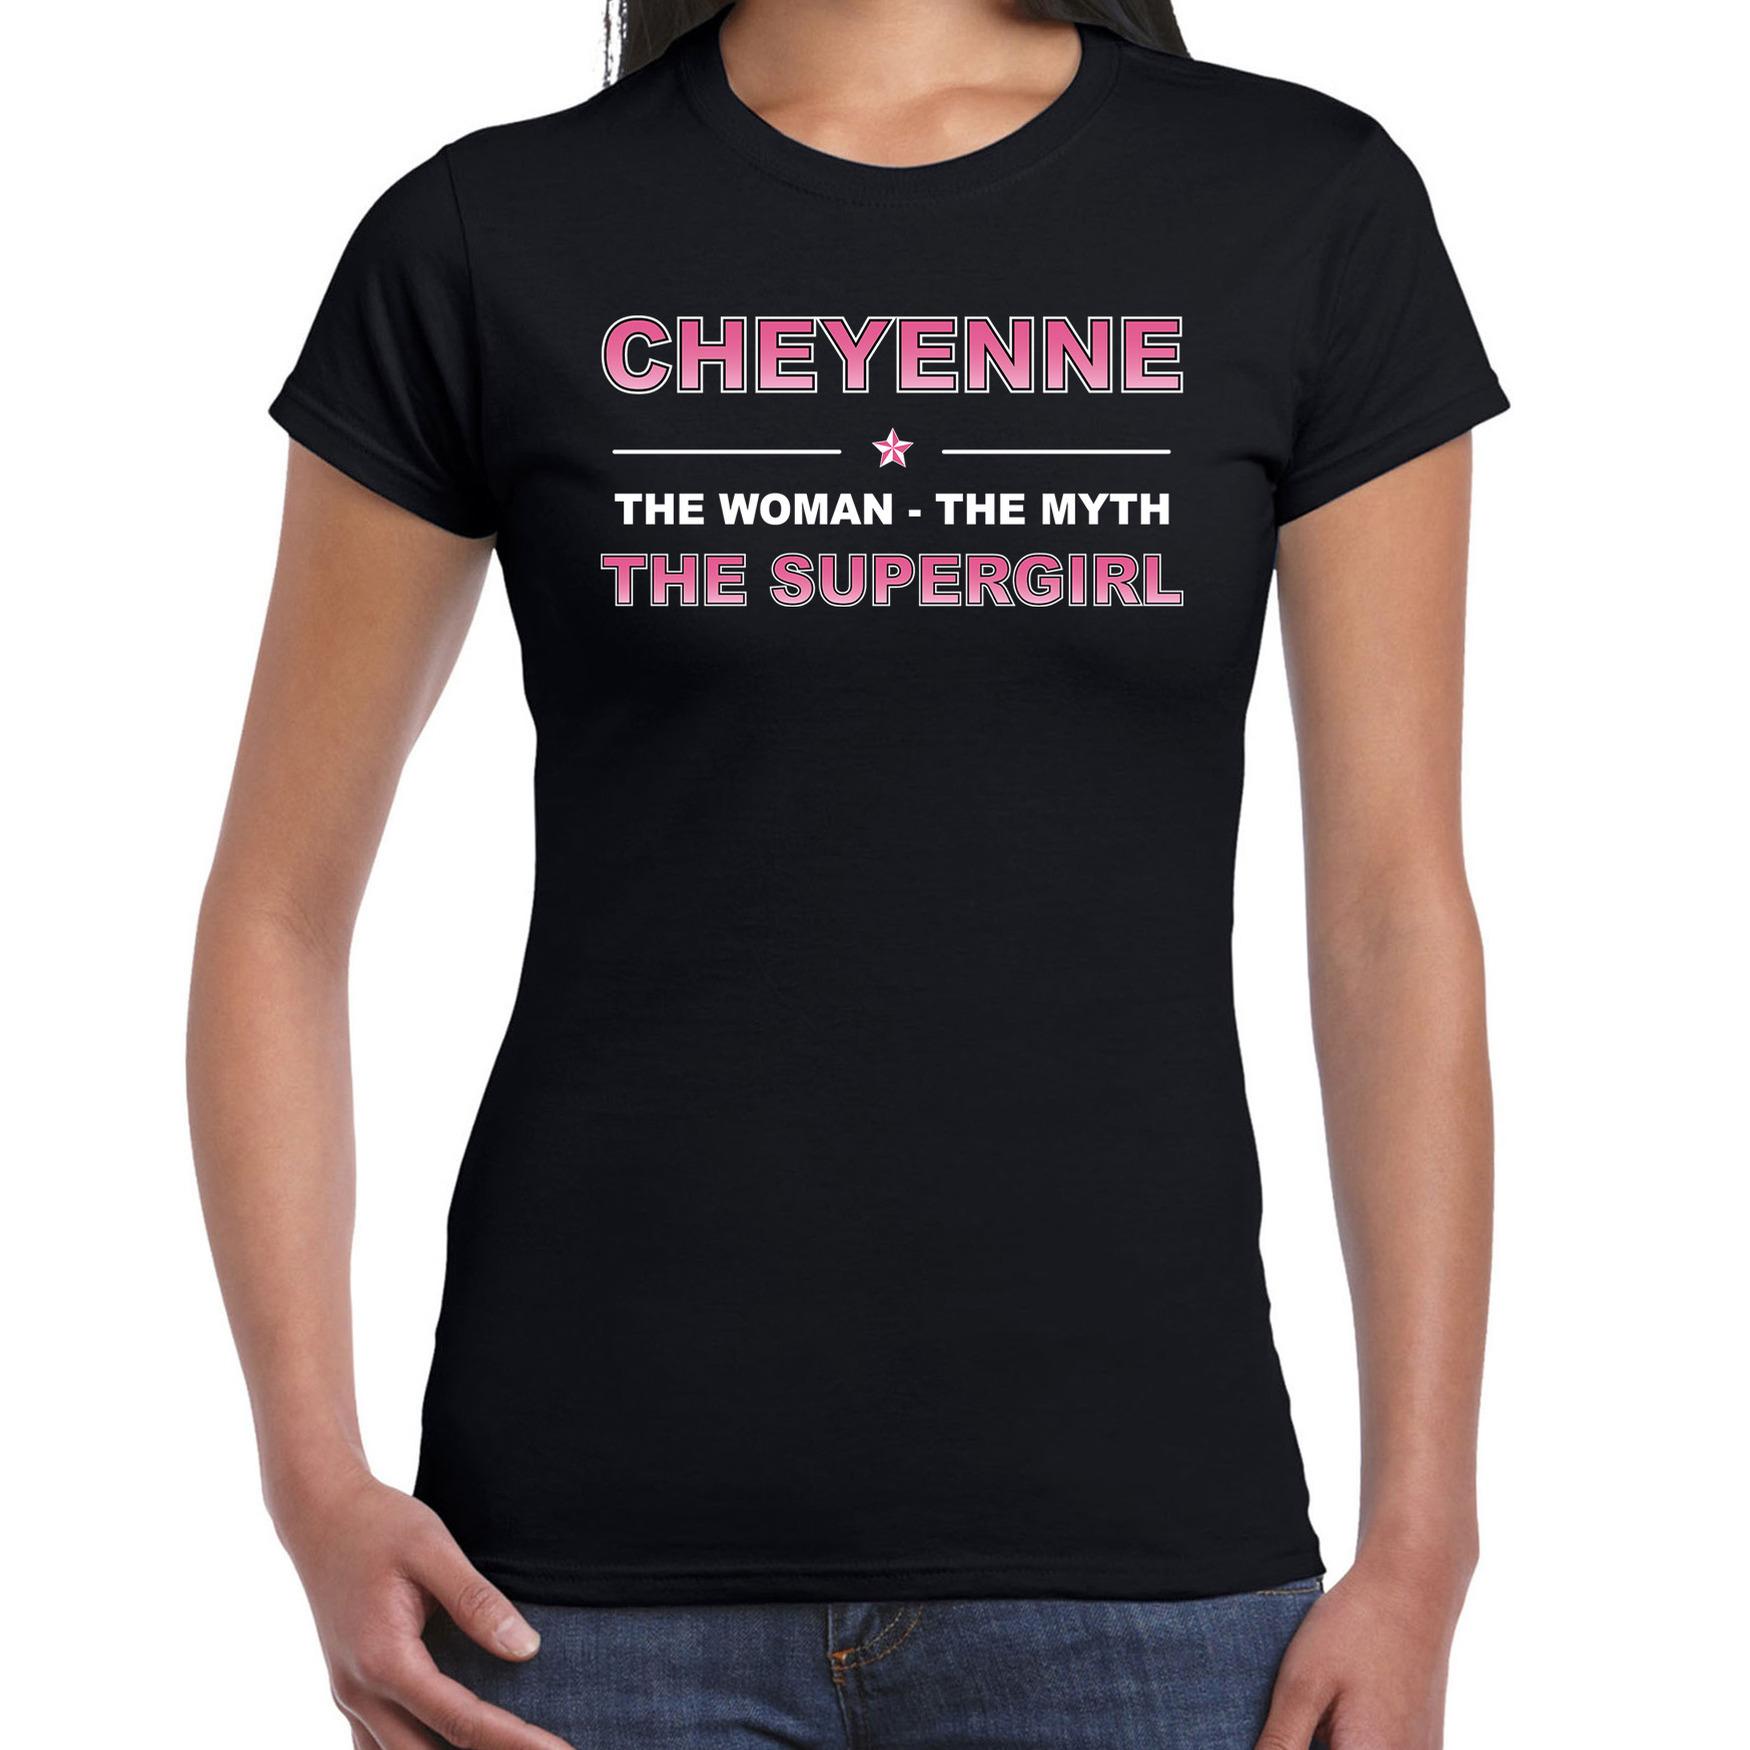 Naam cadeau t-shirt / shirt Cheyenne - the supergirl zwart voor dames